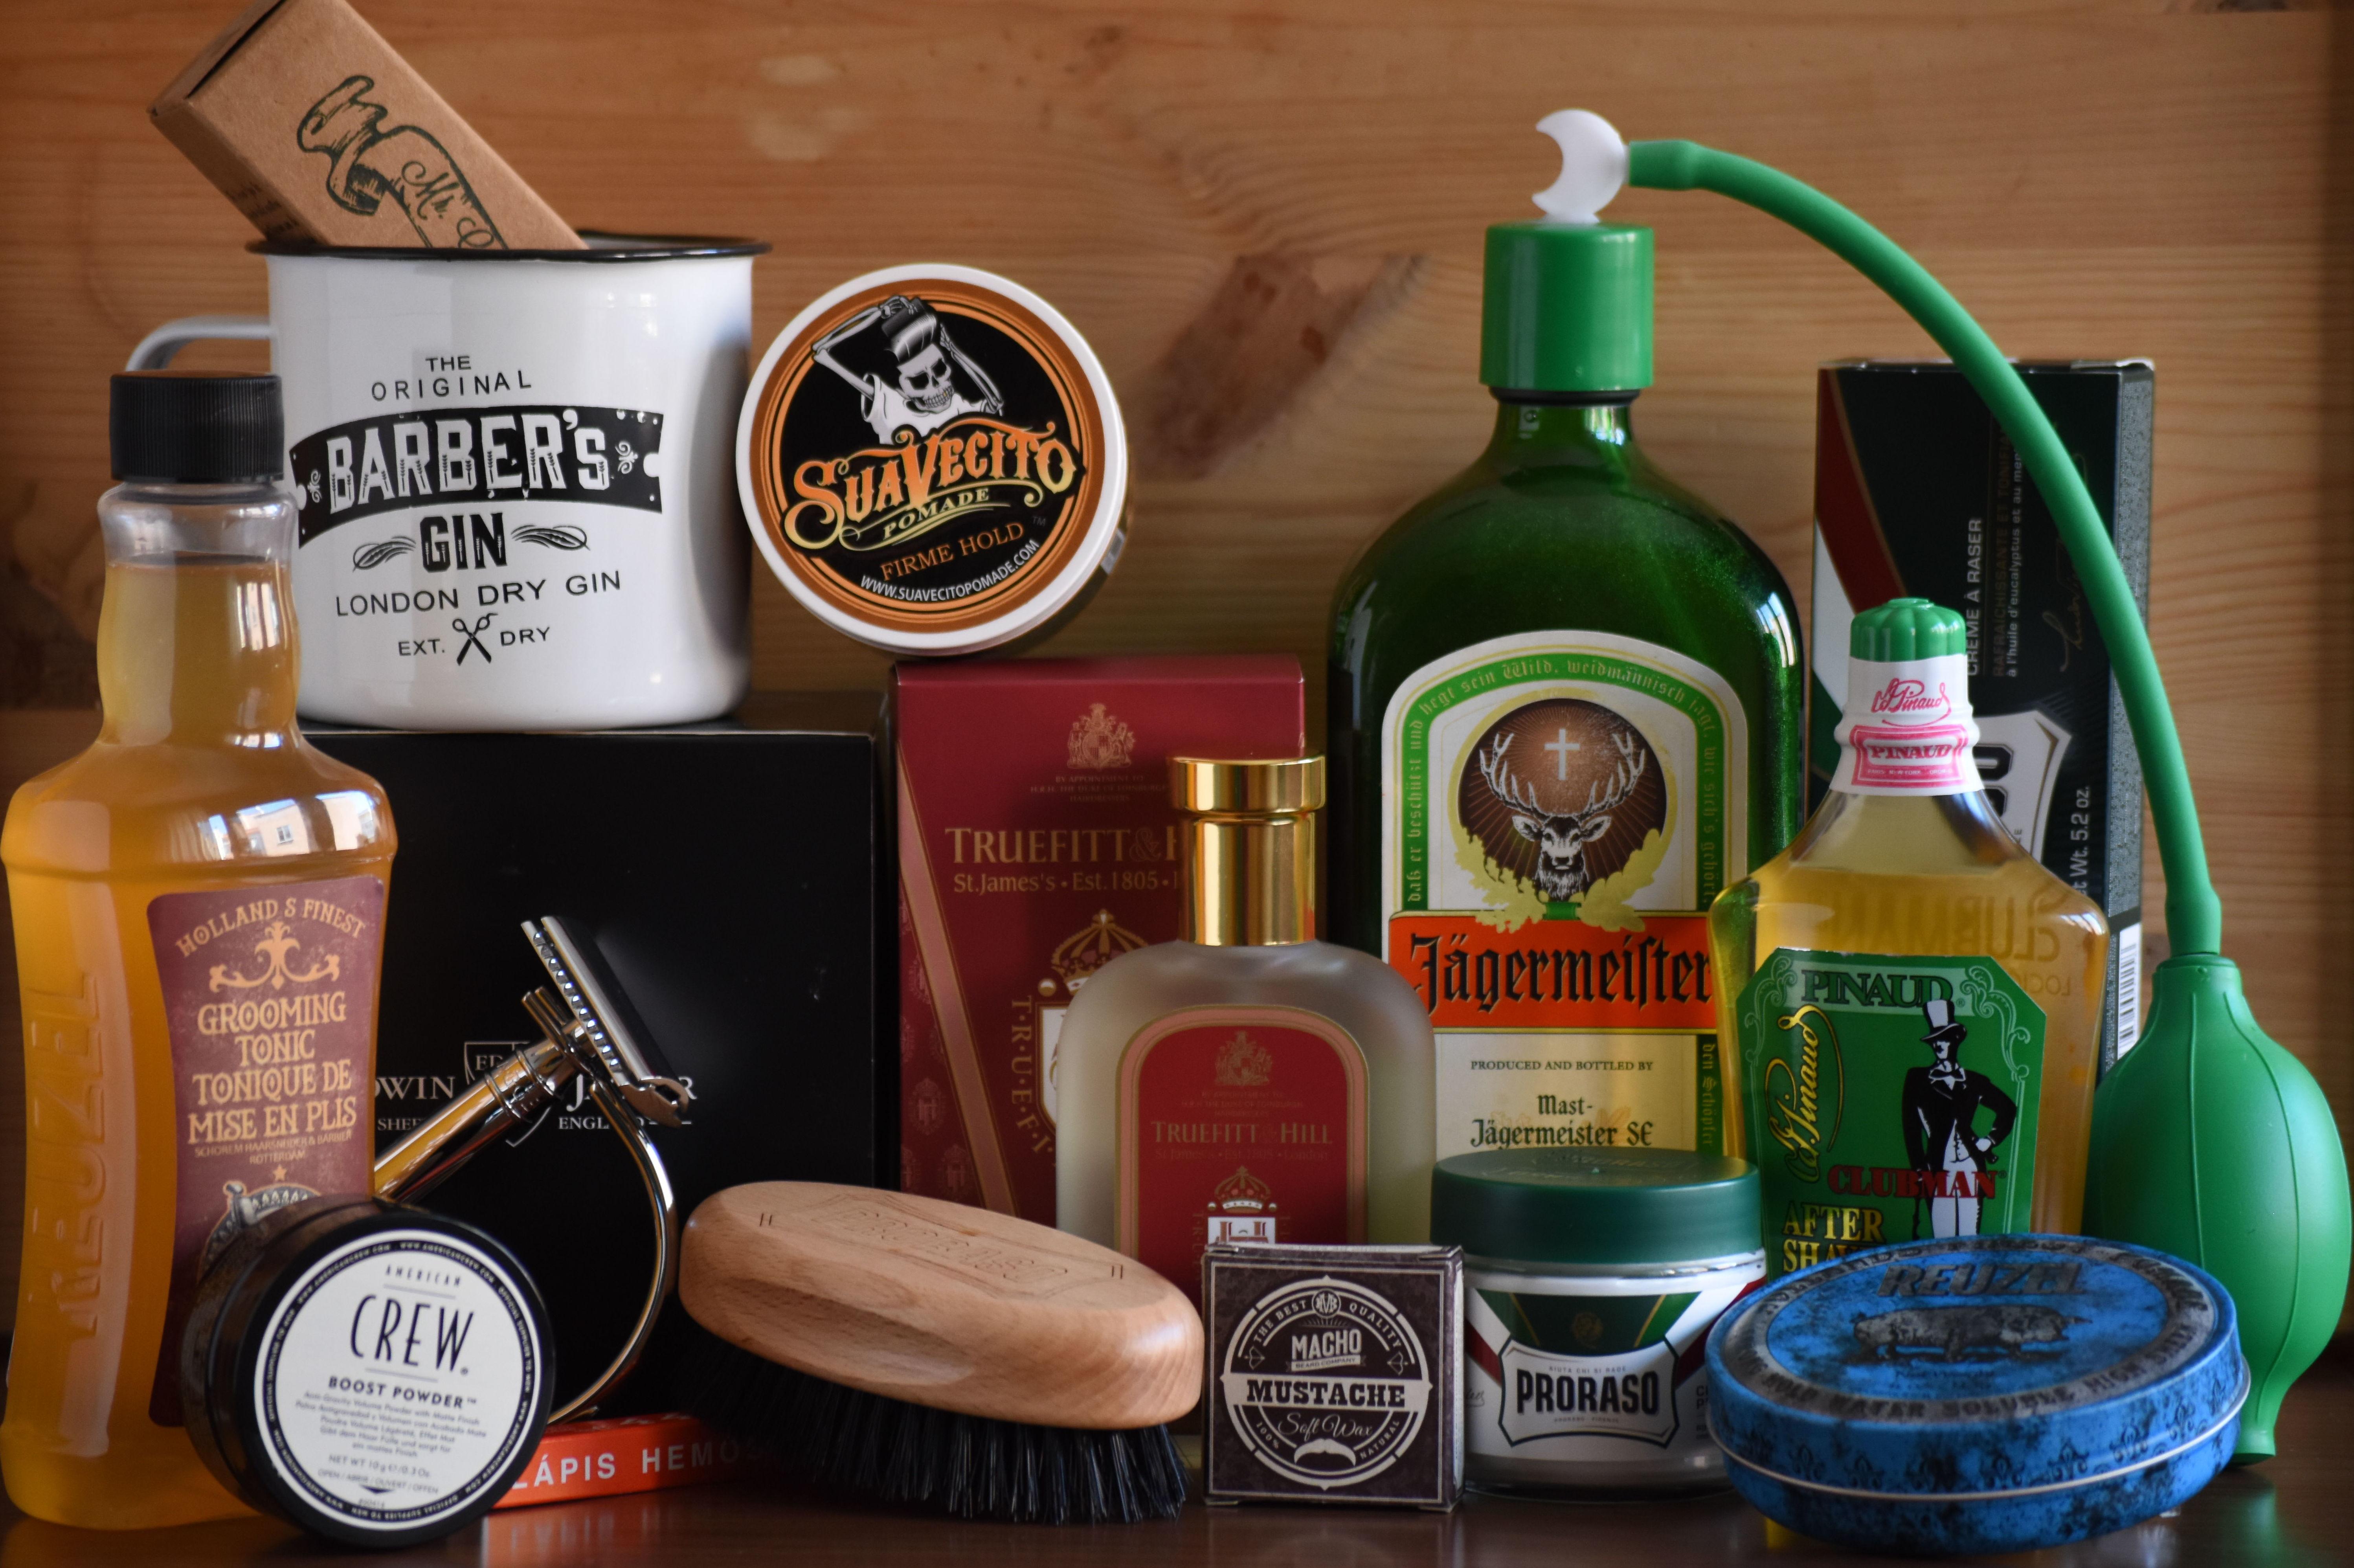 Gran variedad de productos